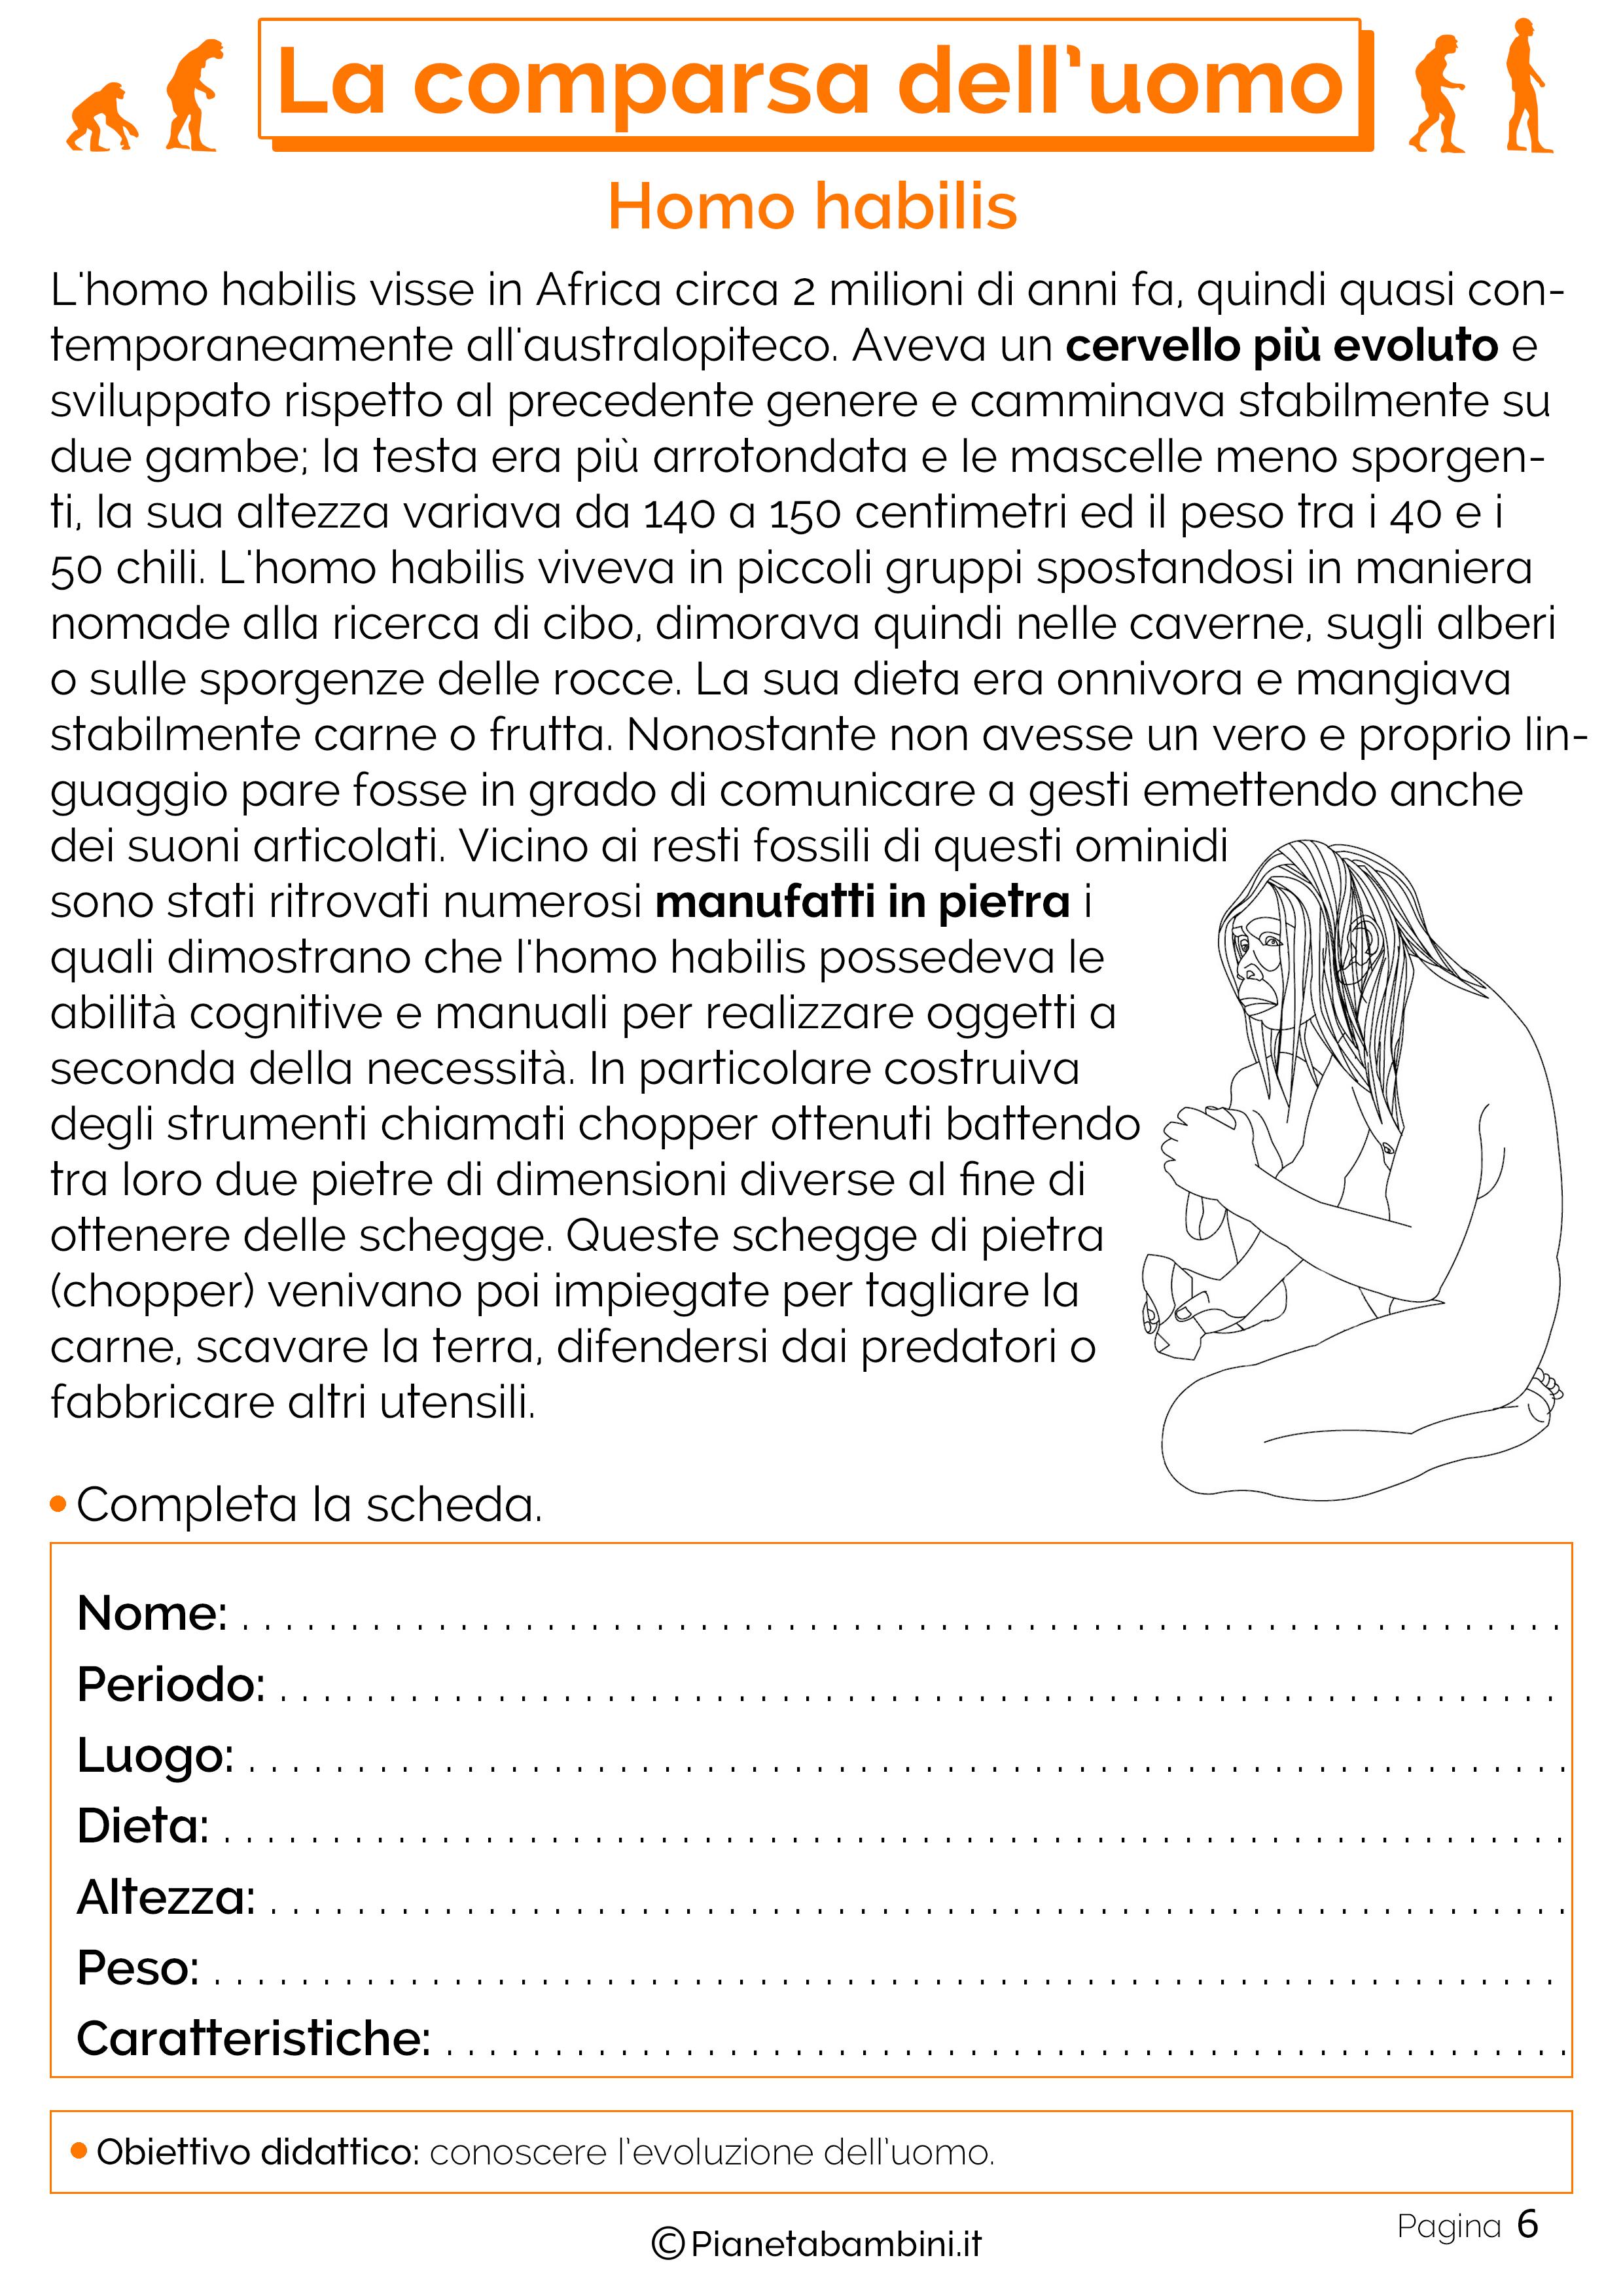 Esercizi sulla comparsa dell'uomo 6